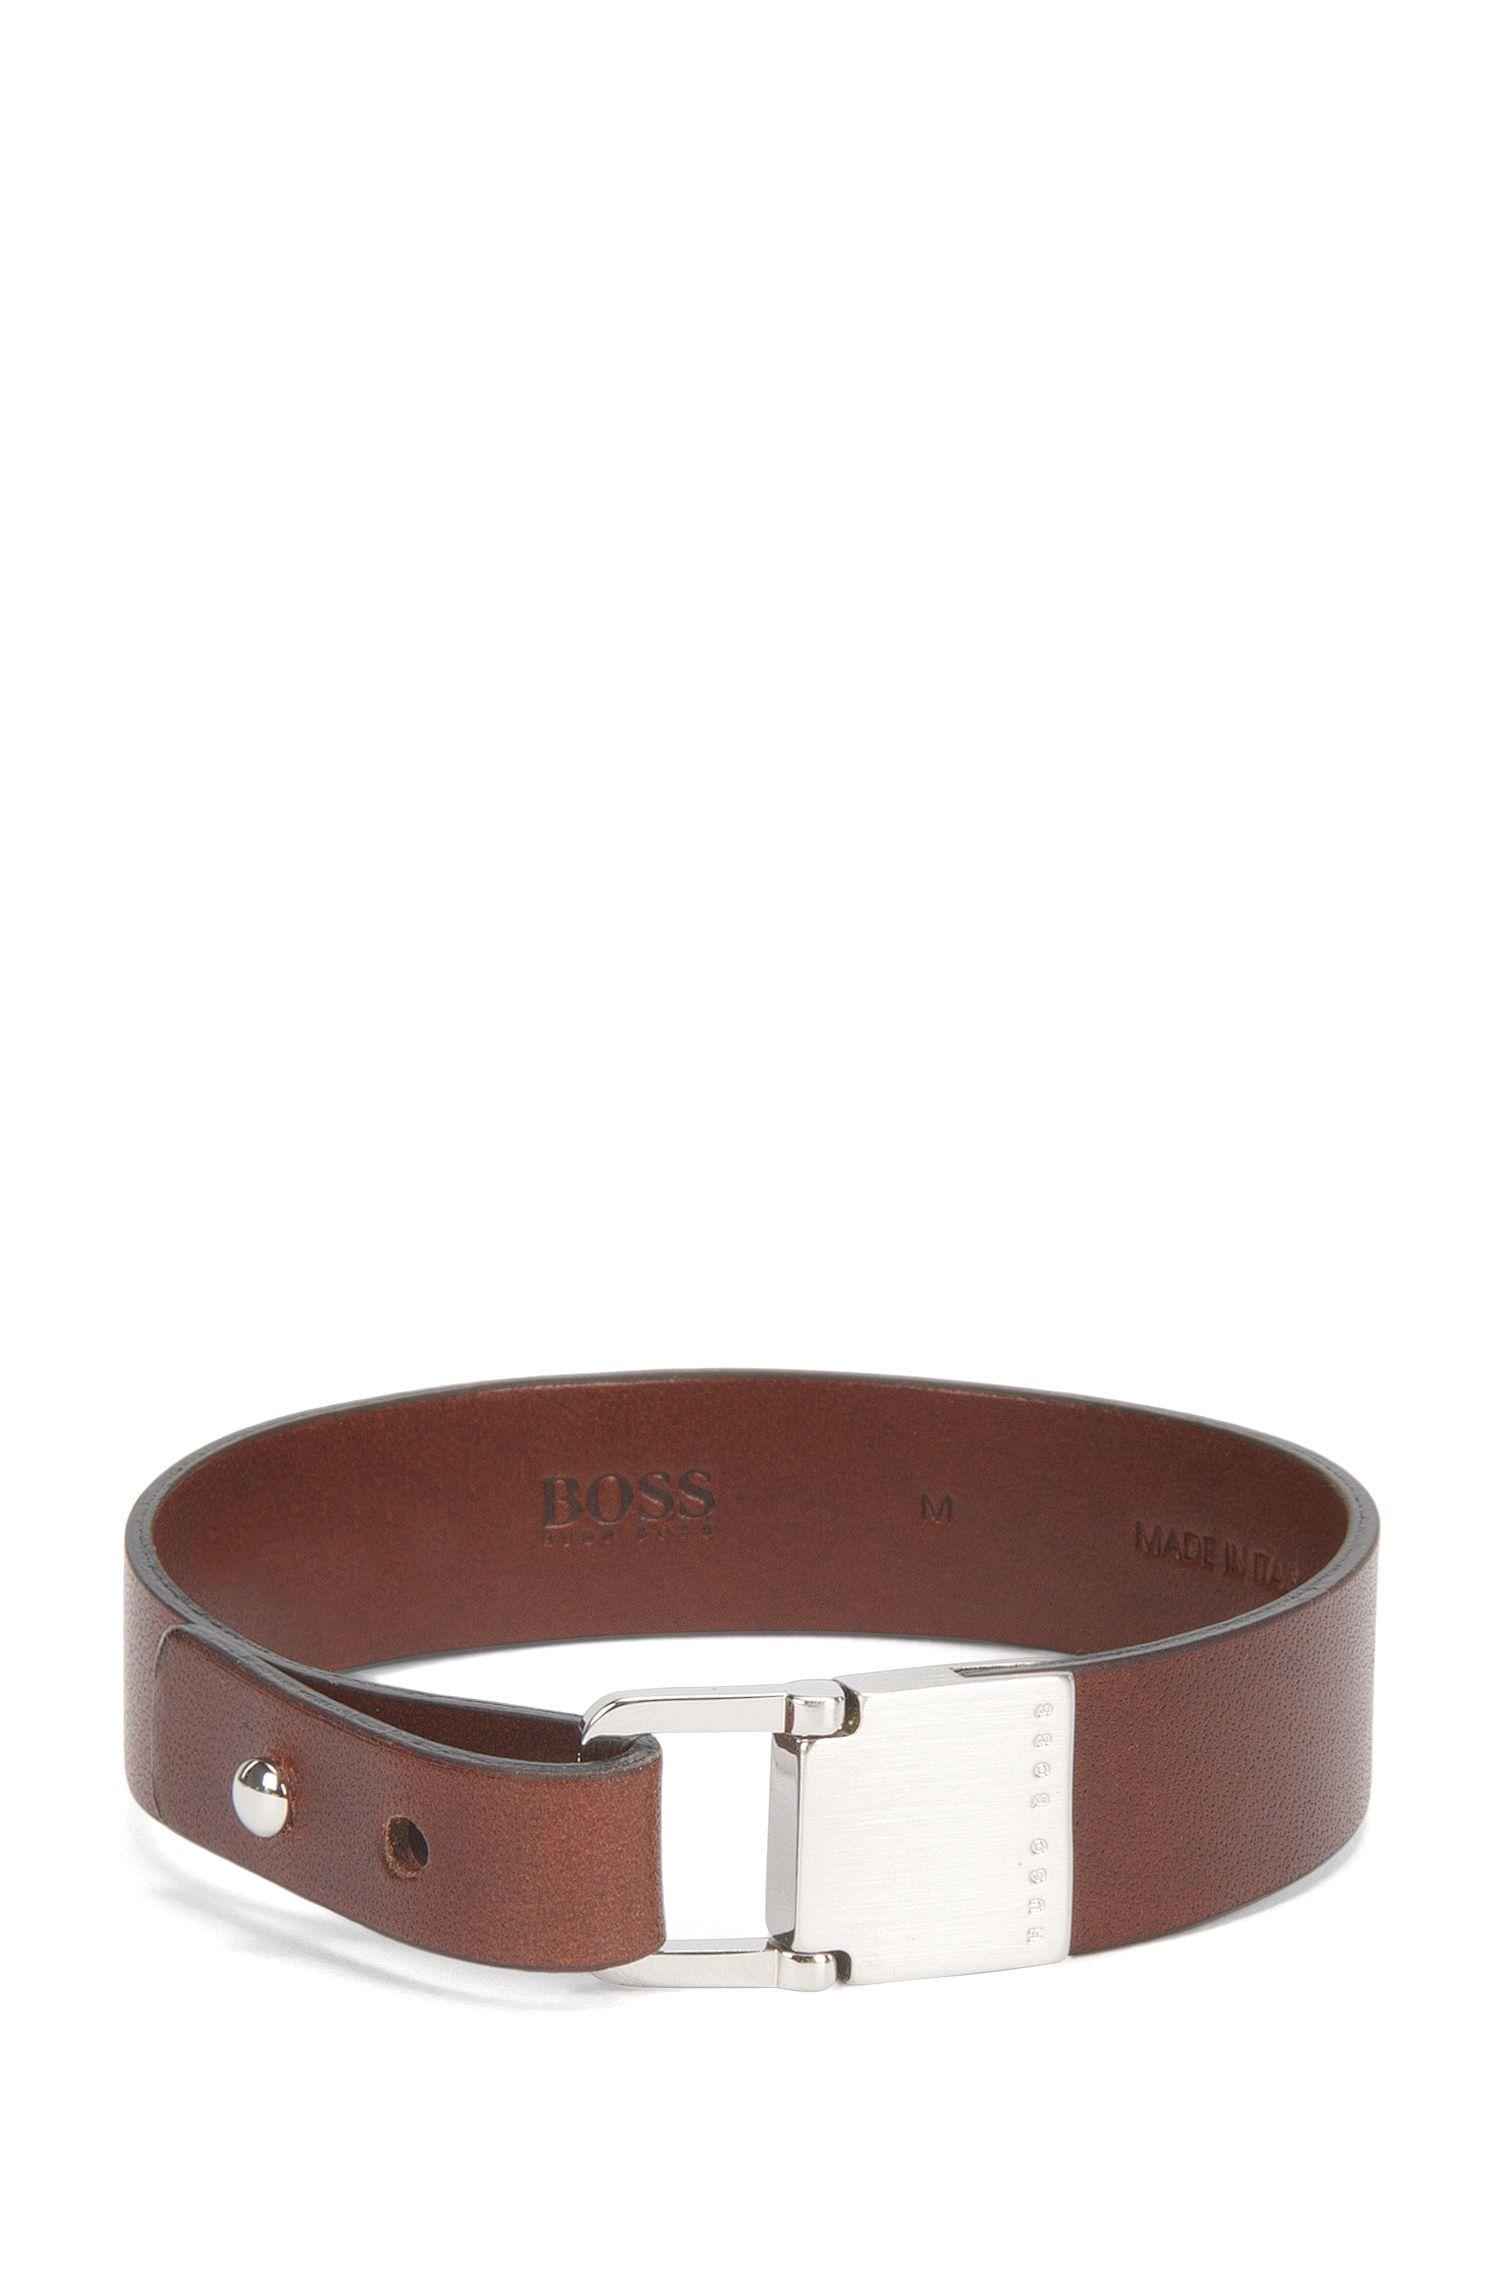 Bracelet en cuir pourvu d'un fermoir en métal brossé